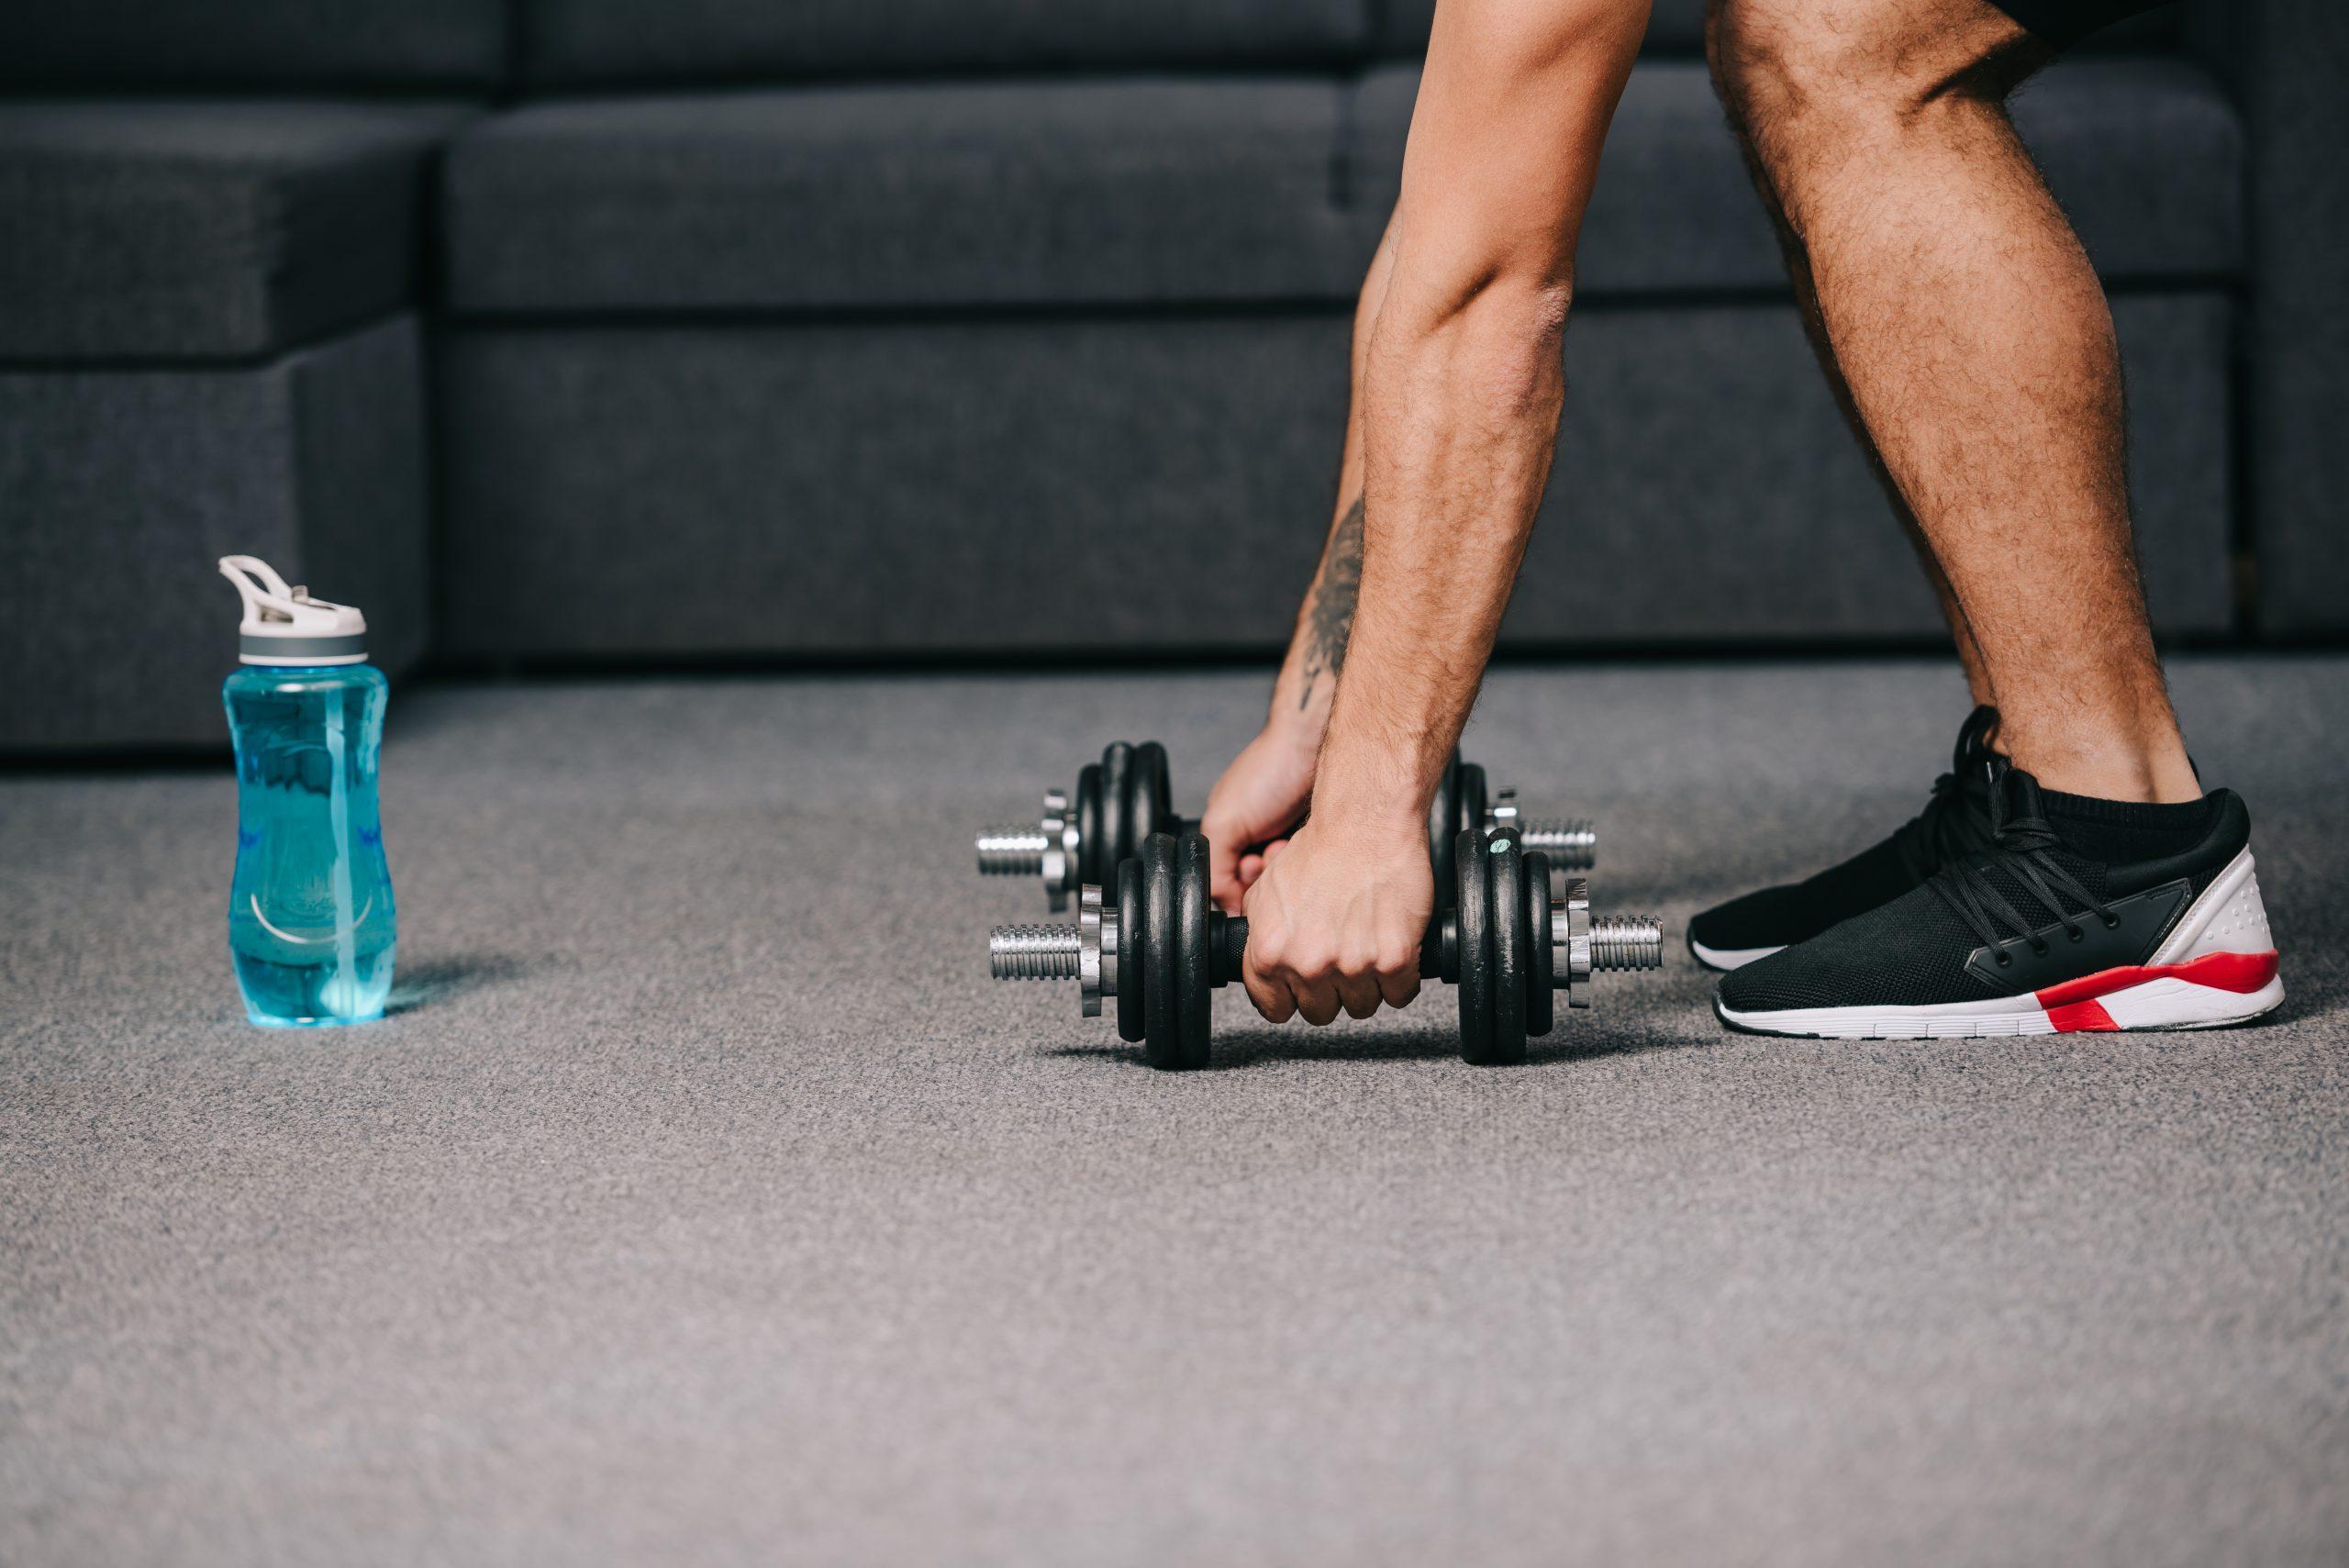 Hjemme træning